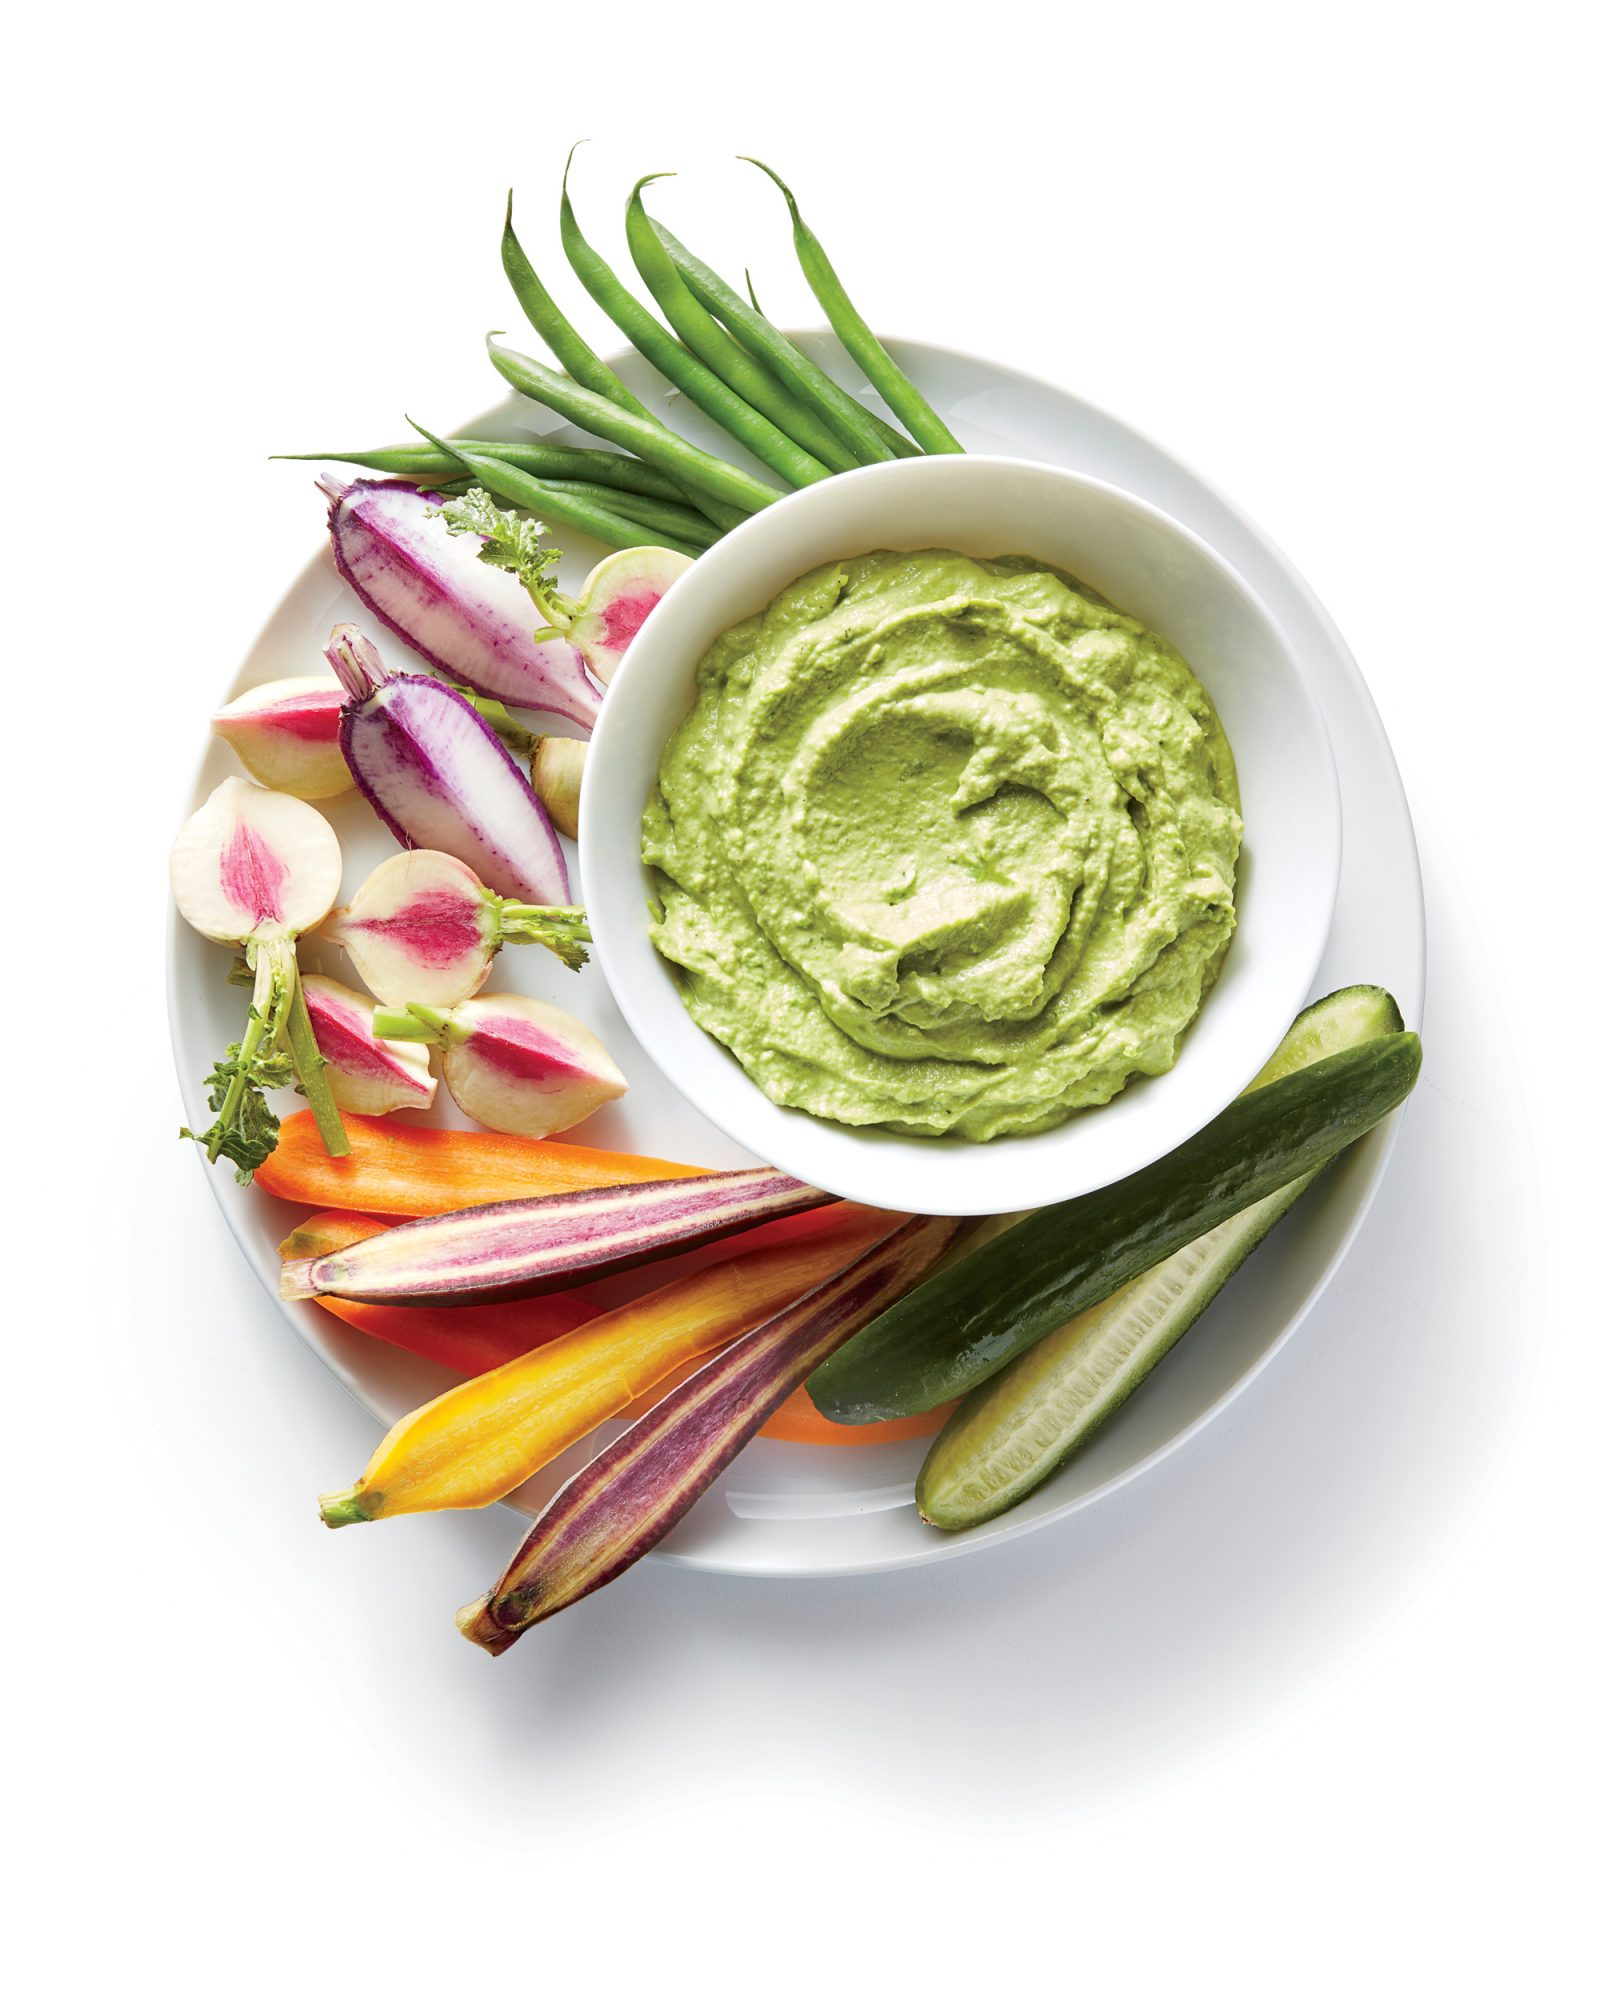 Green Pea and Parsley Hummus